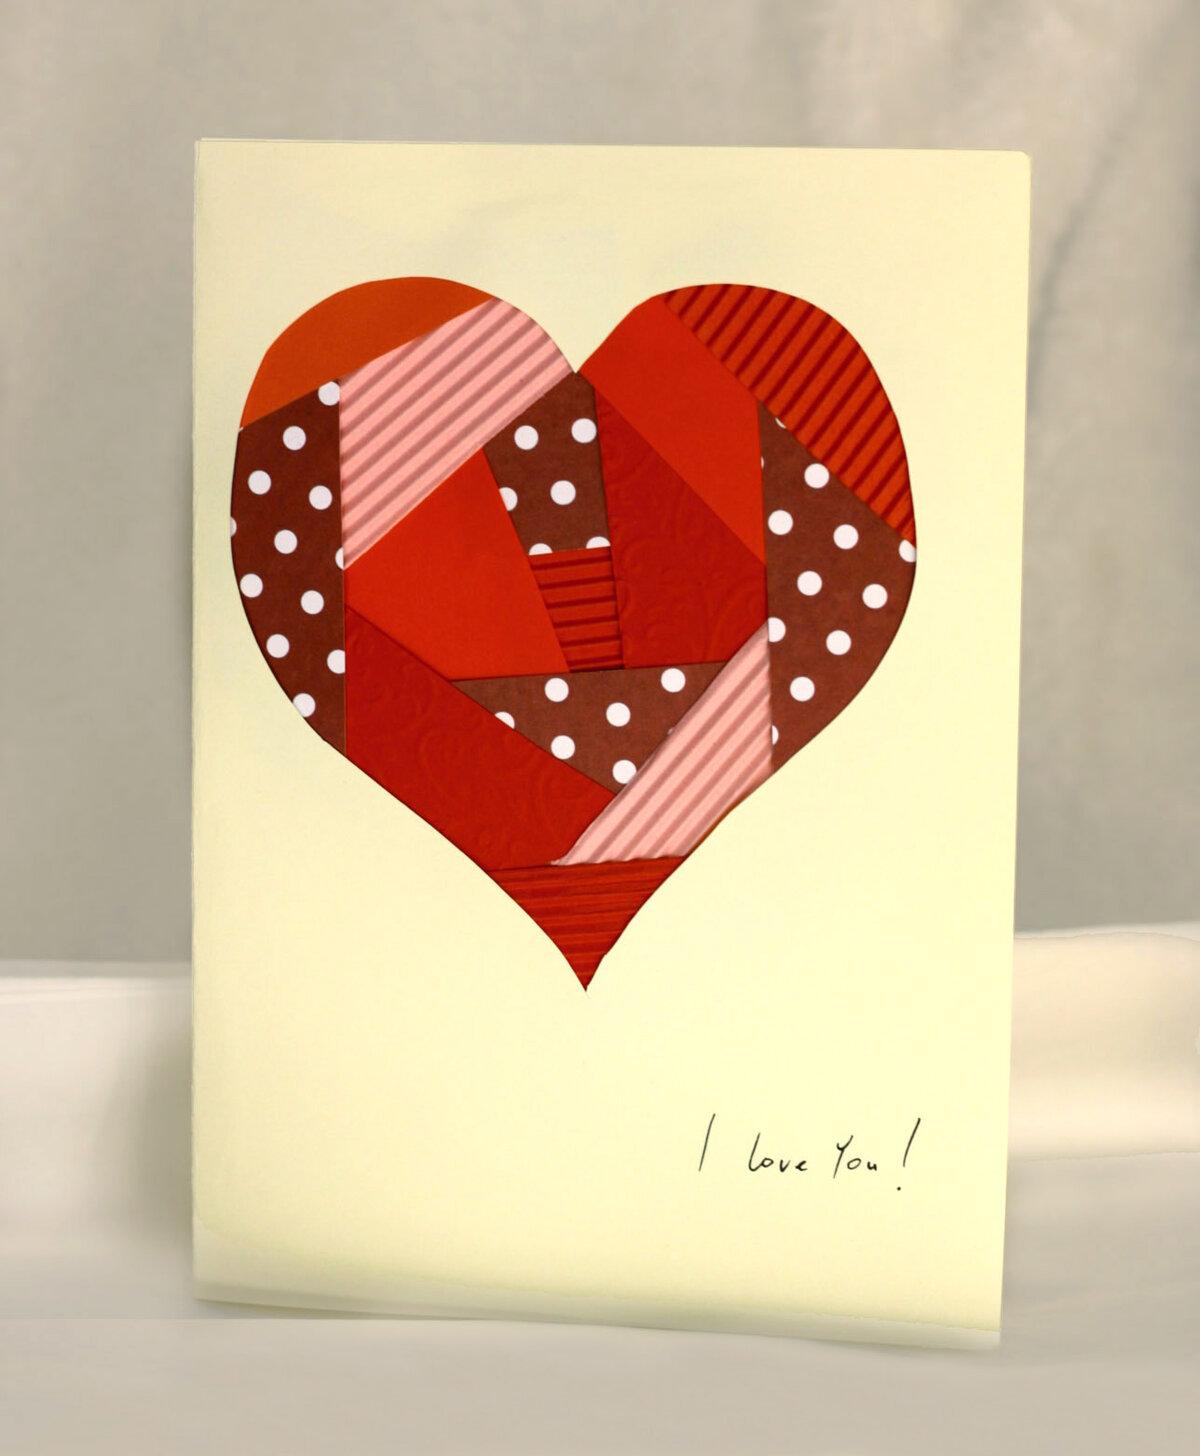 открытки на день валентина своими руками легко читая статьи технике